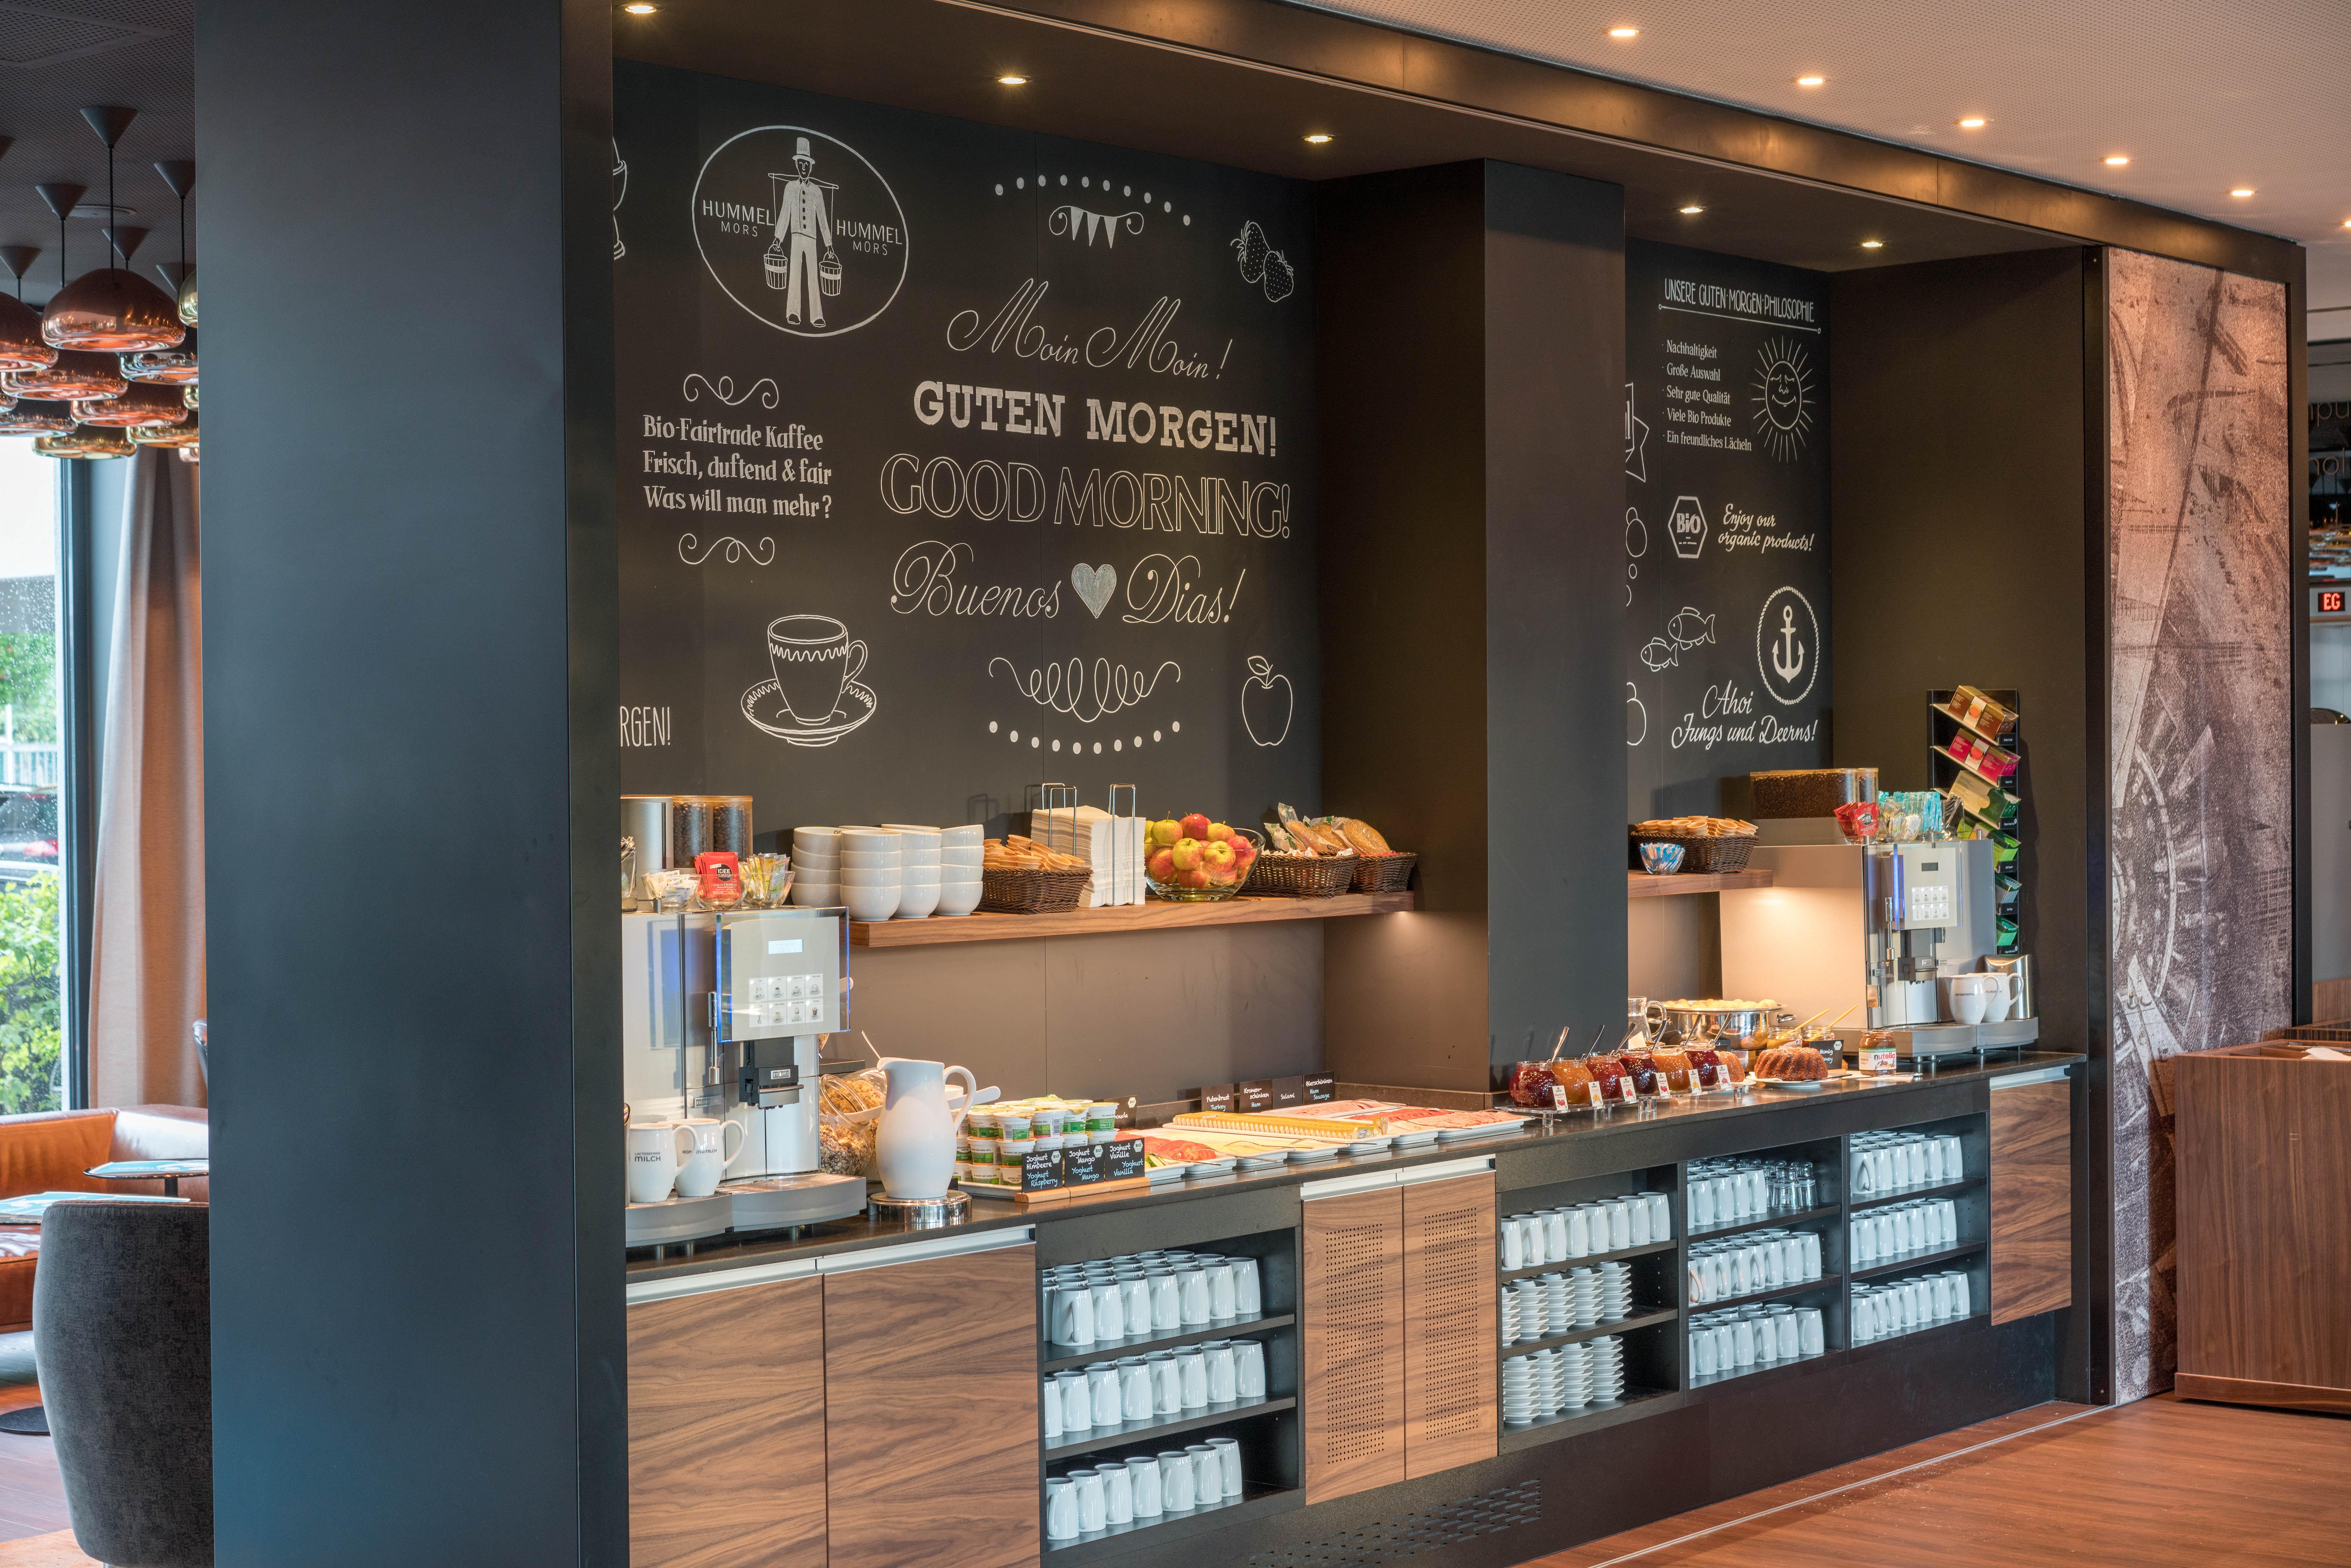 restauranter i flensborg hotel i hamborg lufthavn